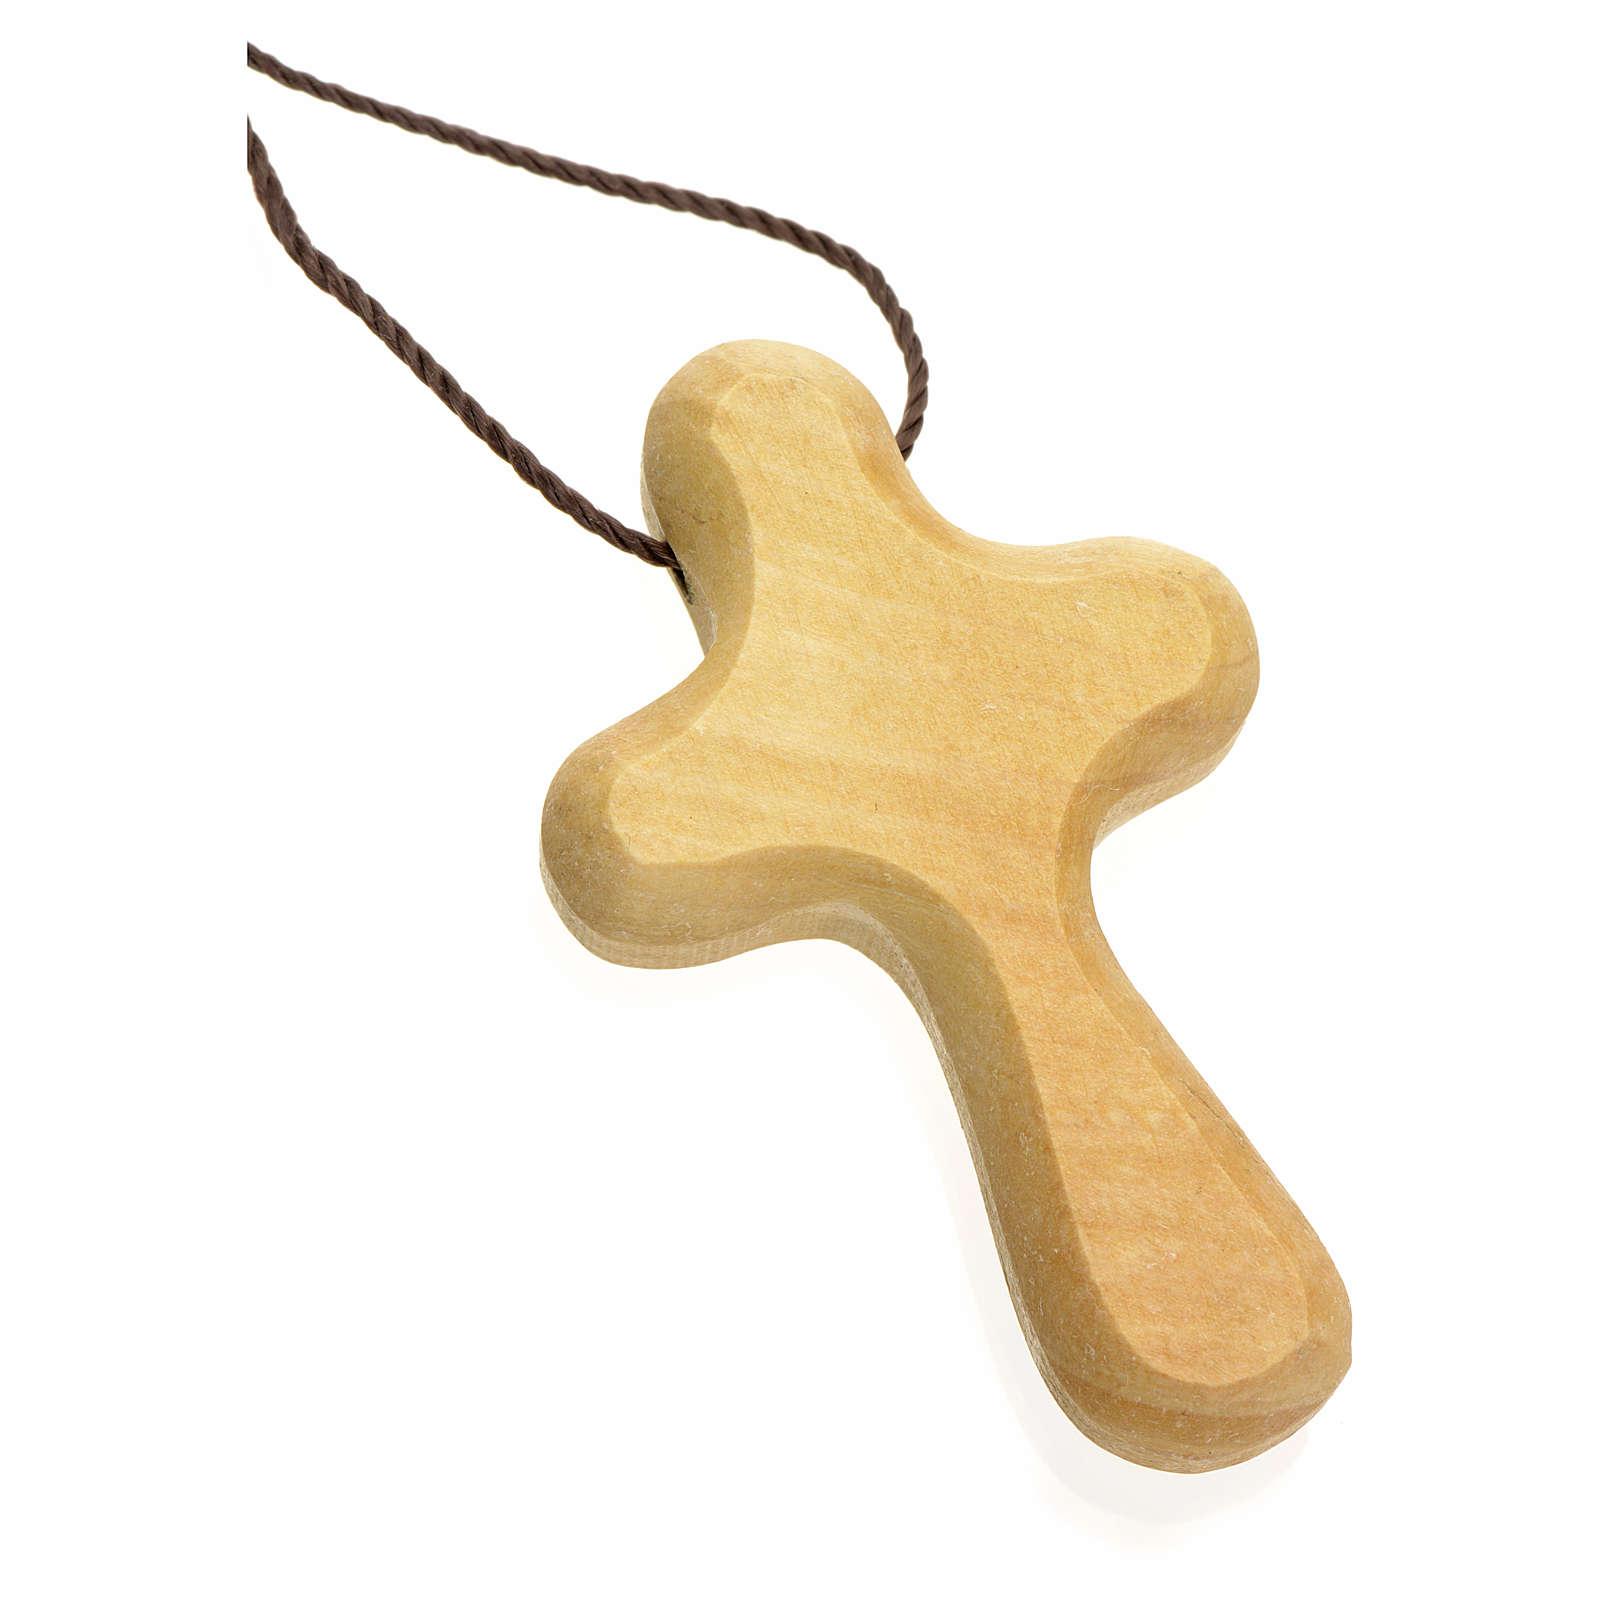 Croix de vie stylisée bois d'olivier Terre Sainte 4